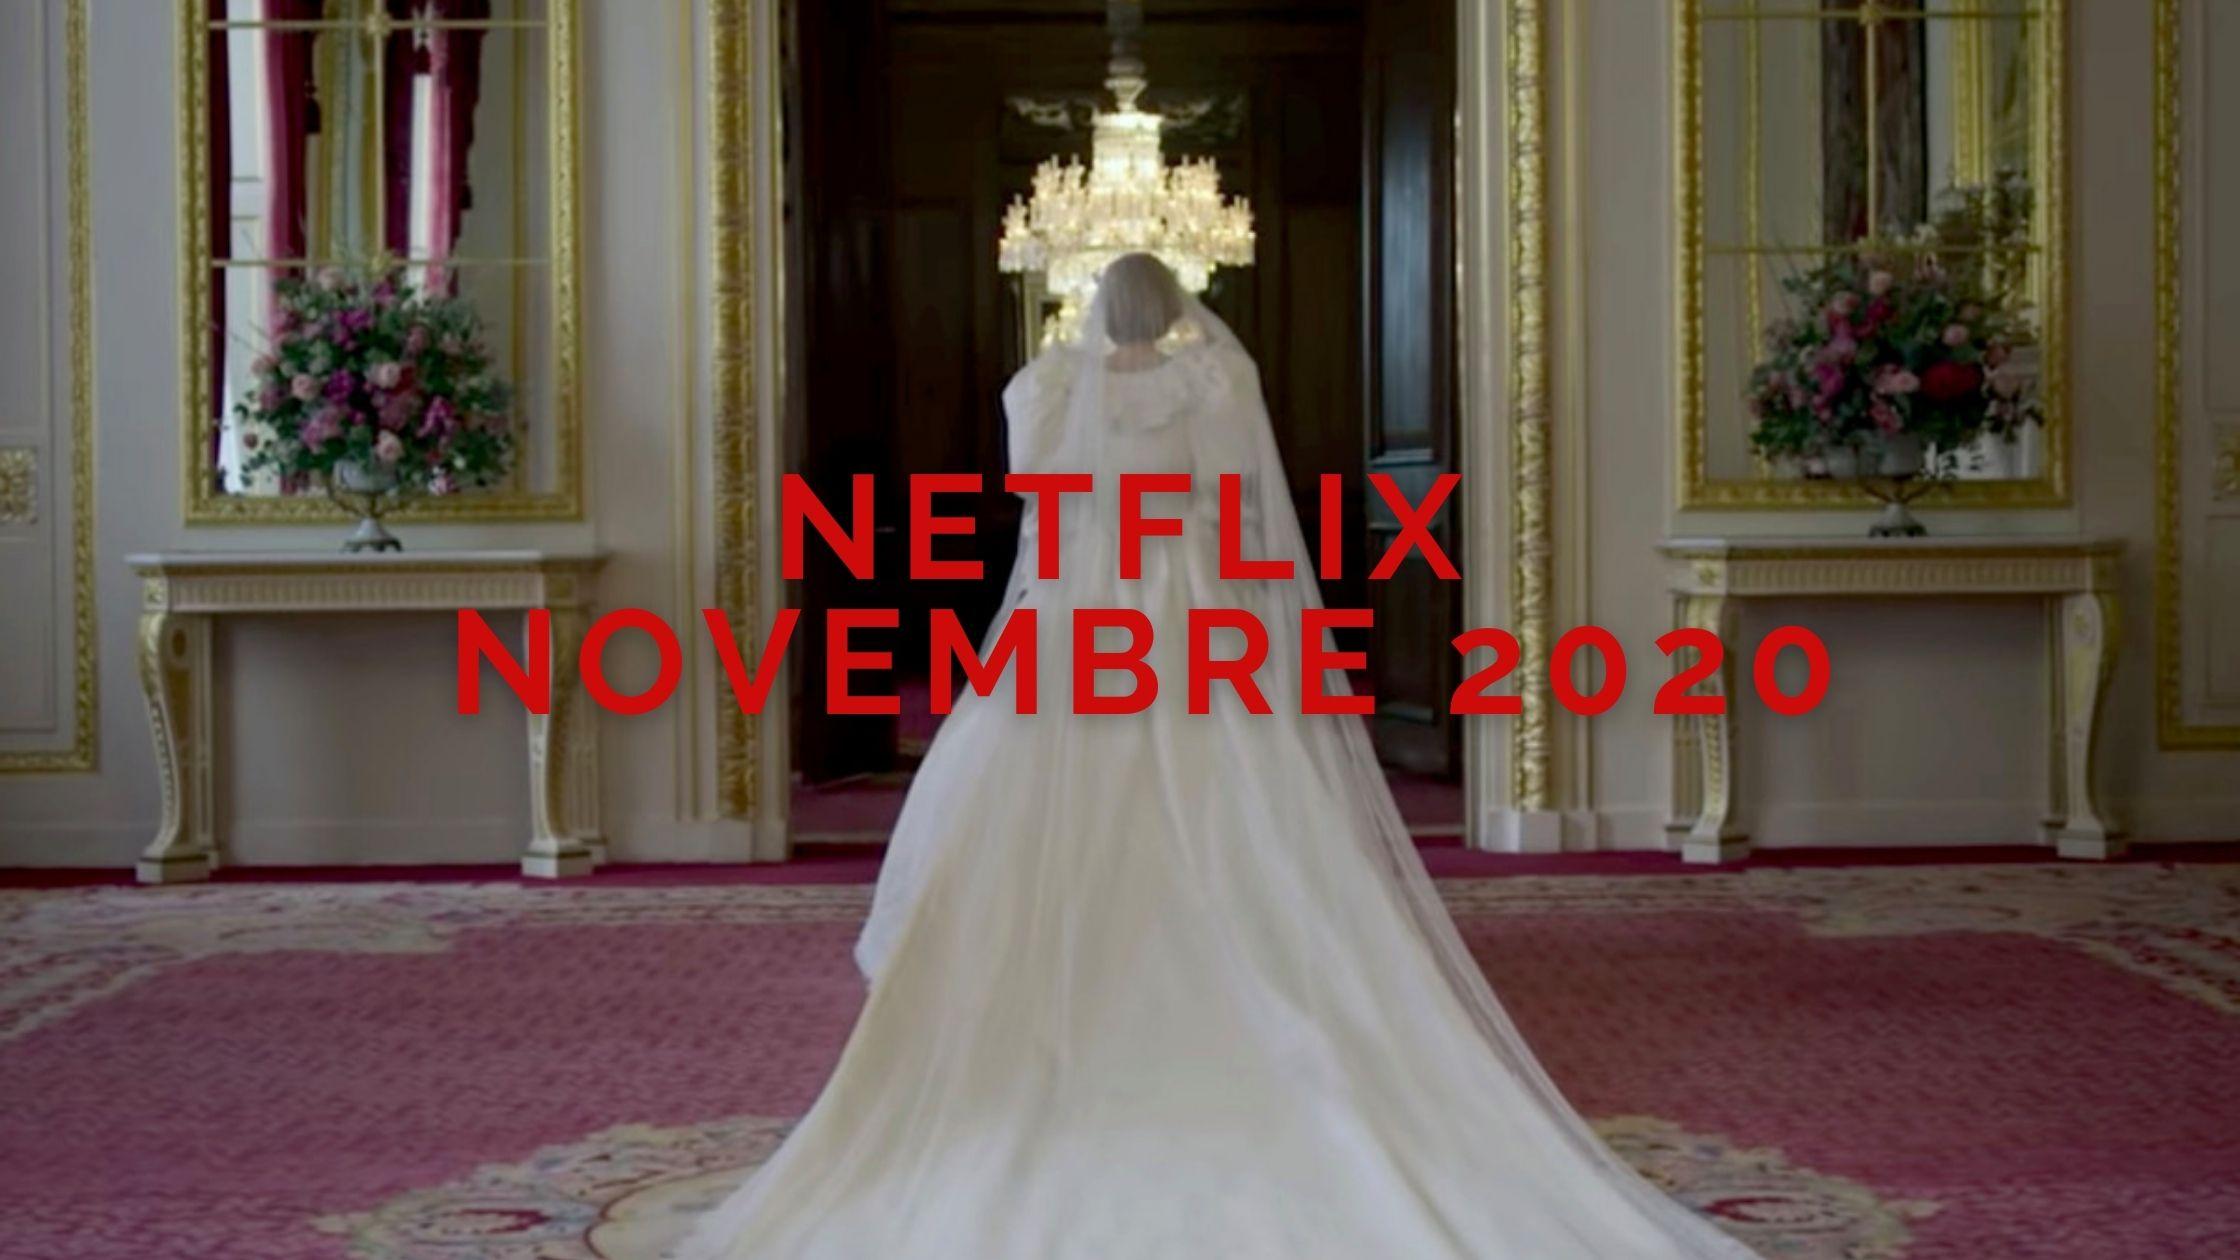 Netflix, novembre 2020 - Credits: web